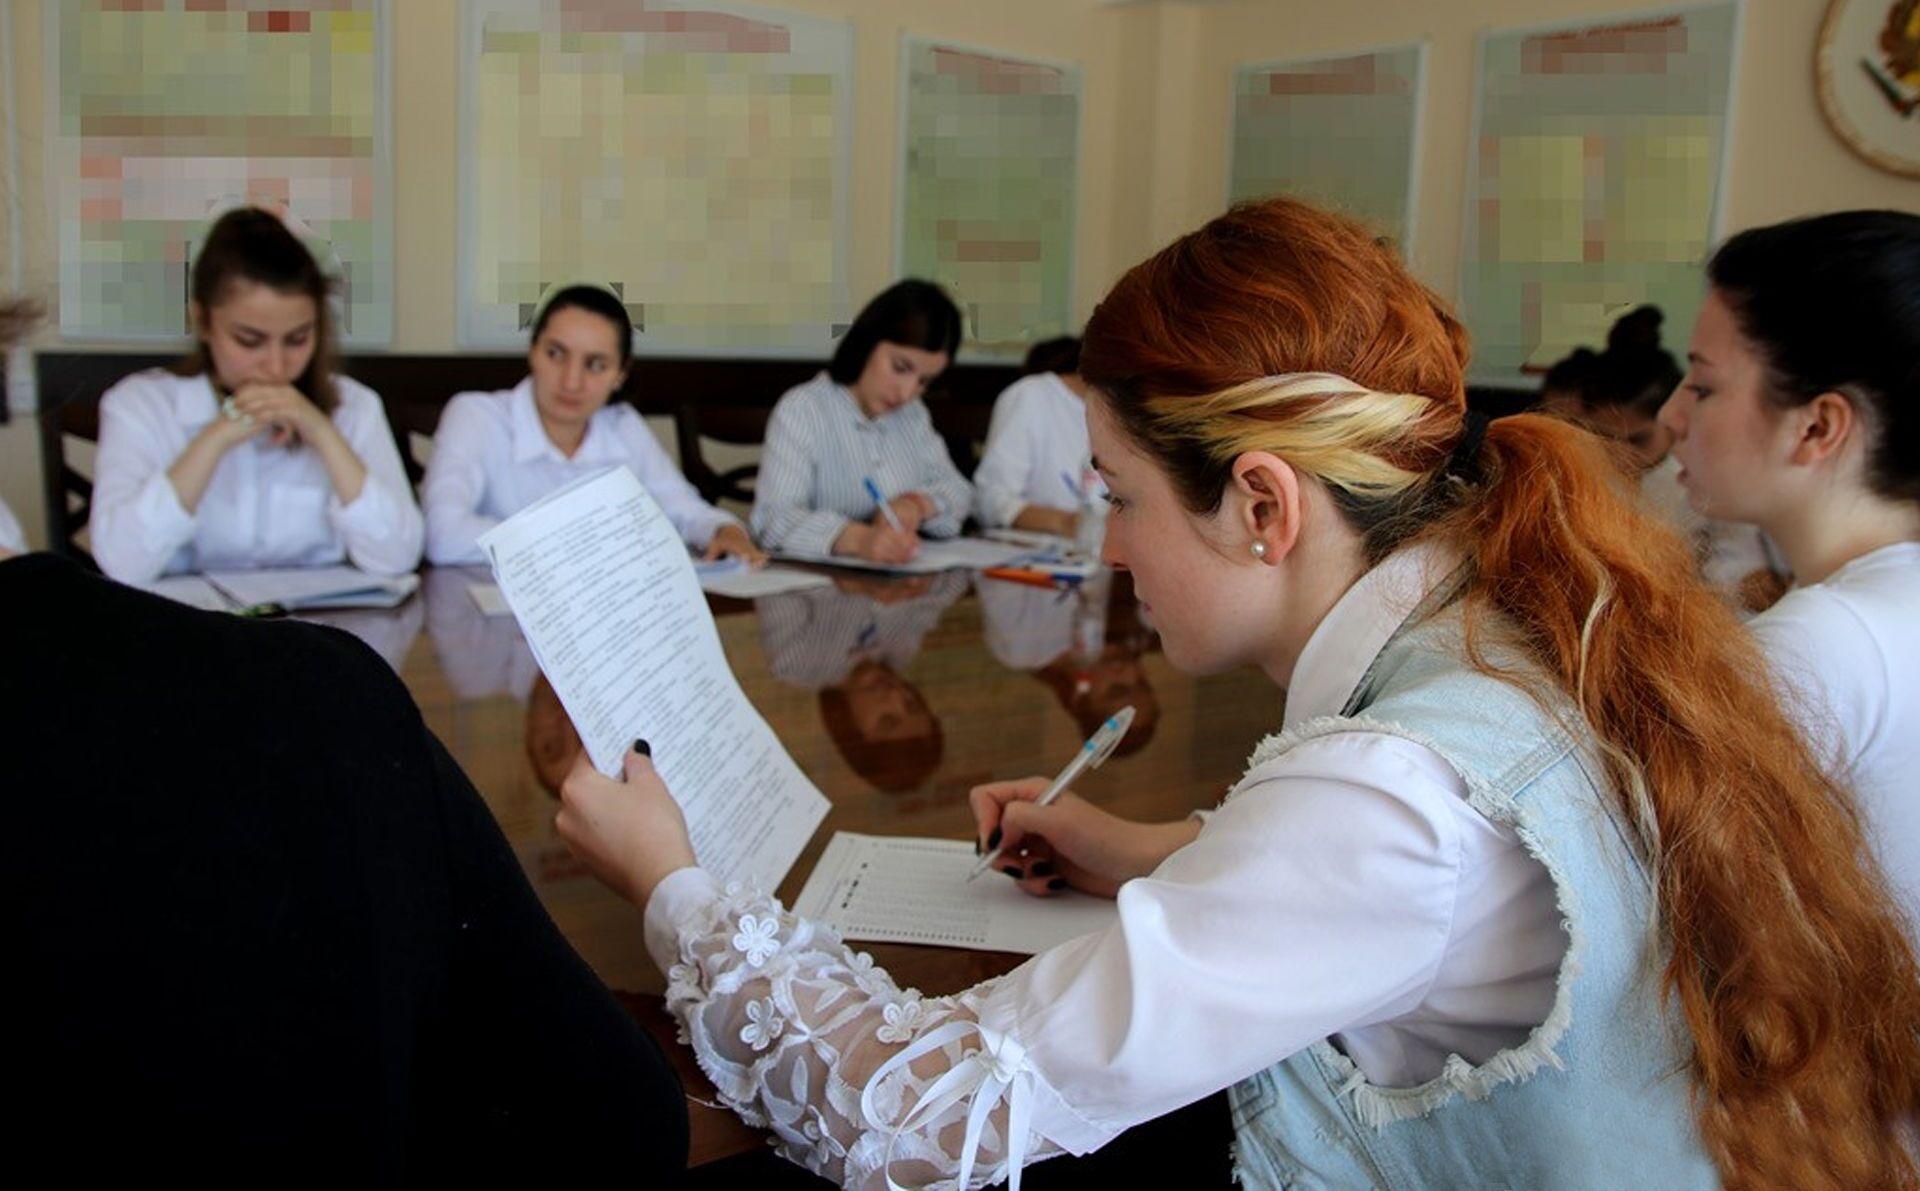 В Южной Осетии поступающие в военные вузы РФ проходят психологическое тестирование - Sputnik Южная Осетия, 1920, 27.05.2021